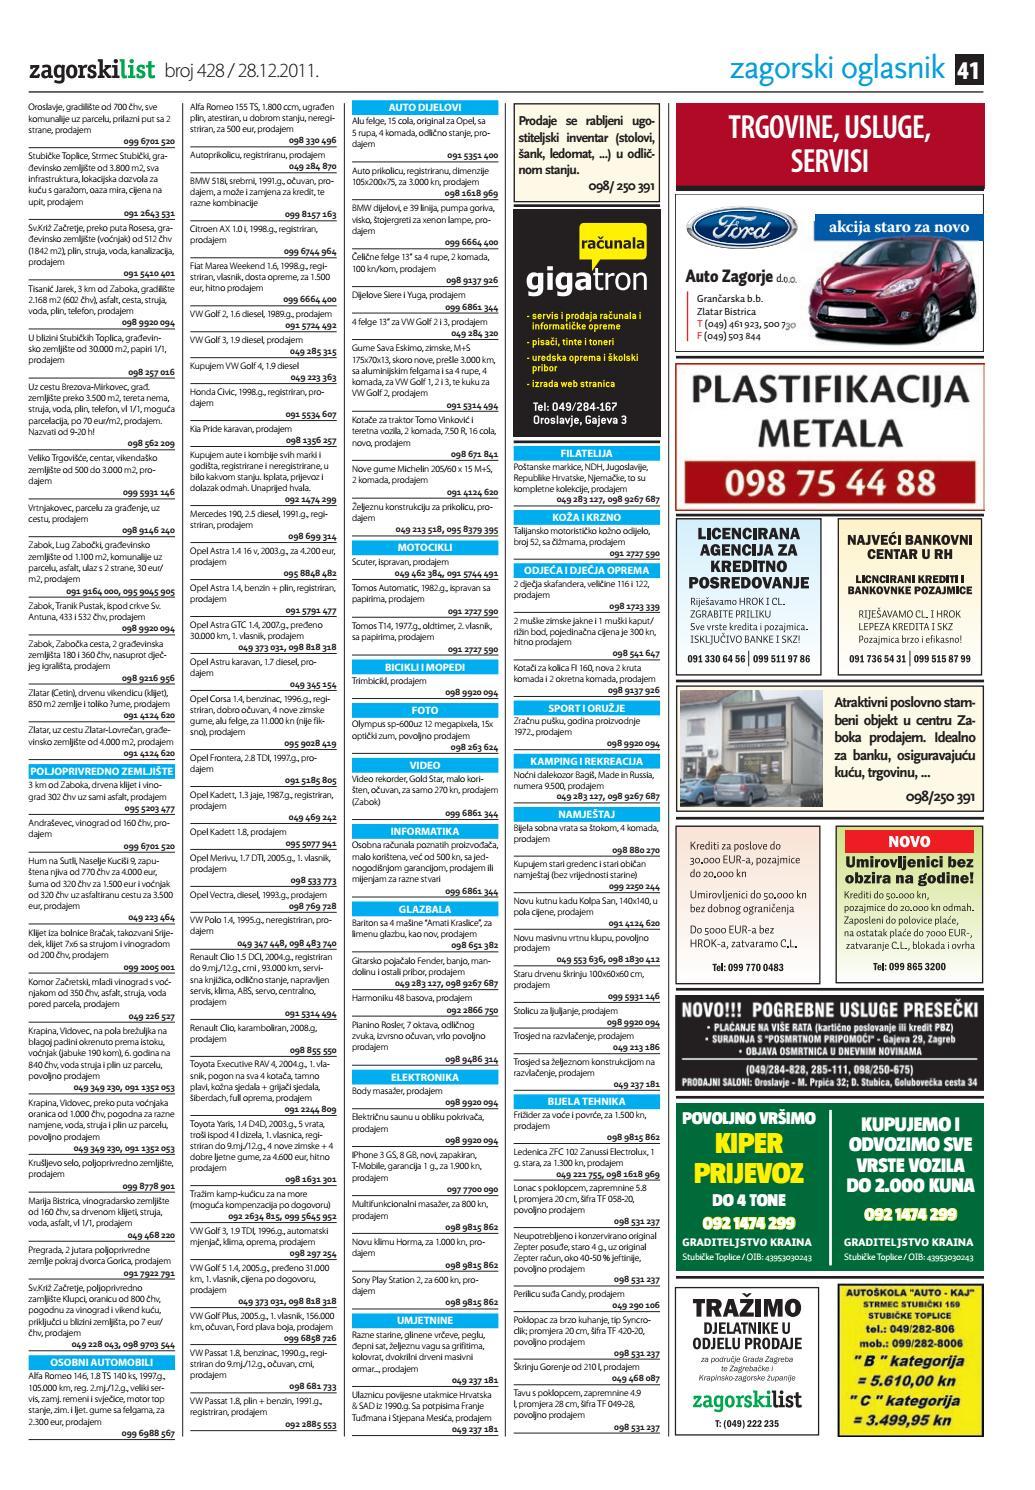 Crna Kronika - Mladić vozio neregistriran motor pa uništio i sebe i njega, sudario se s.